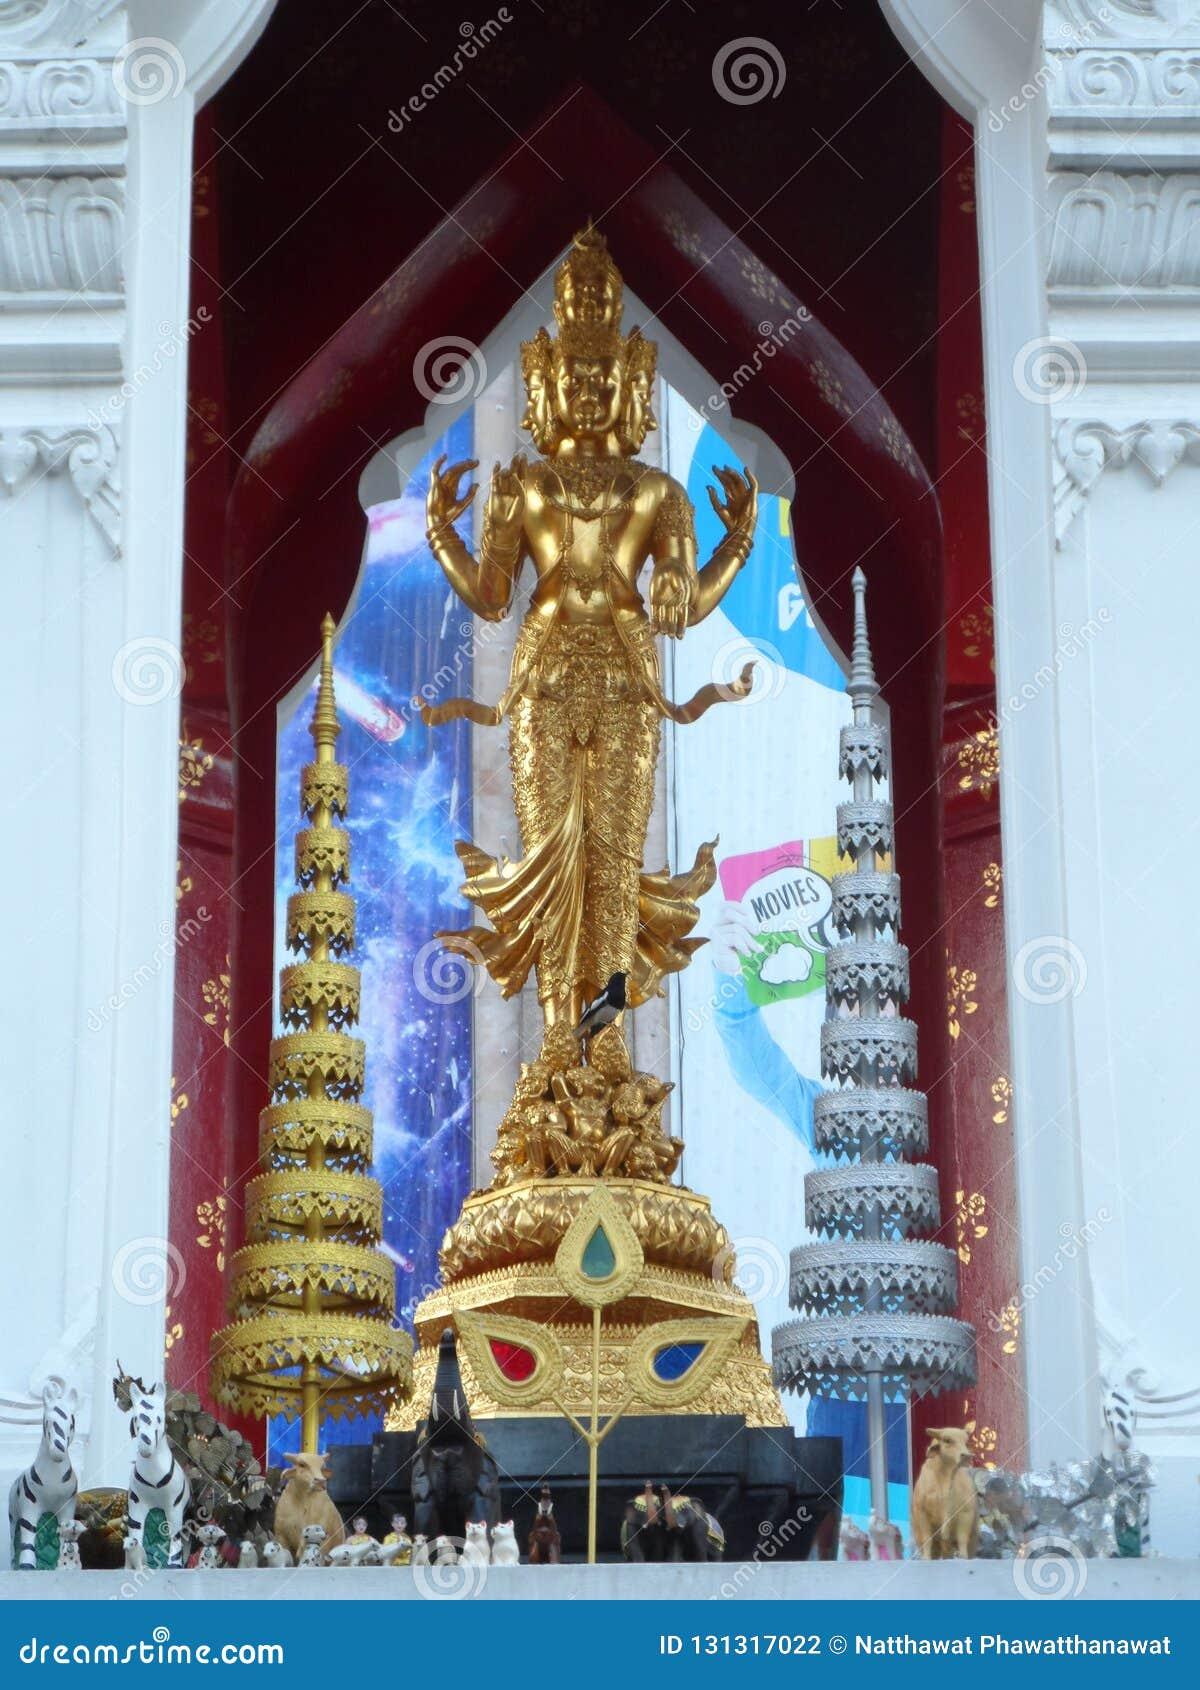 Bangkok tropi swój korzenie mała handlarska poczta podczas Ayutthaya królestwa w 15 wiek który ostatecznie rósł i becam,